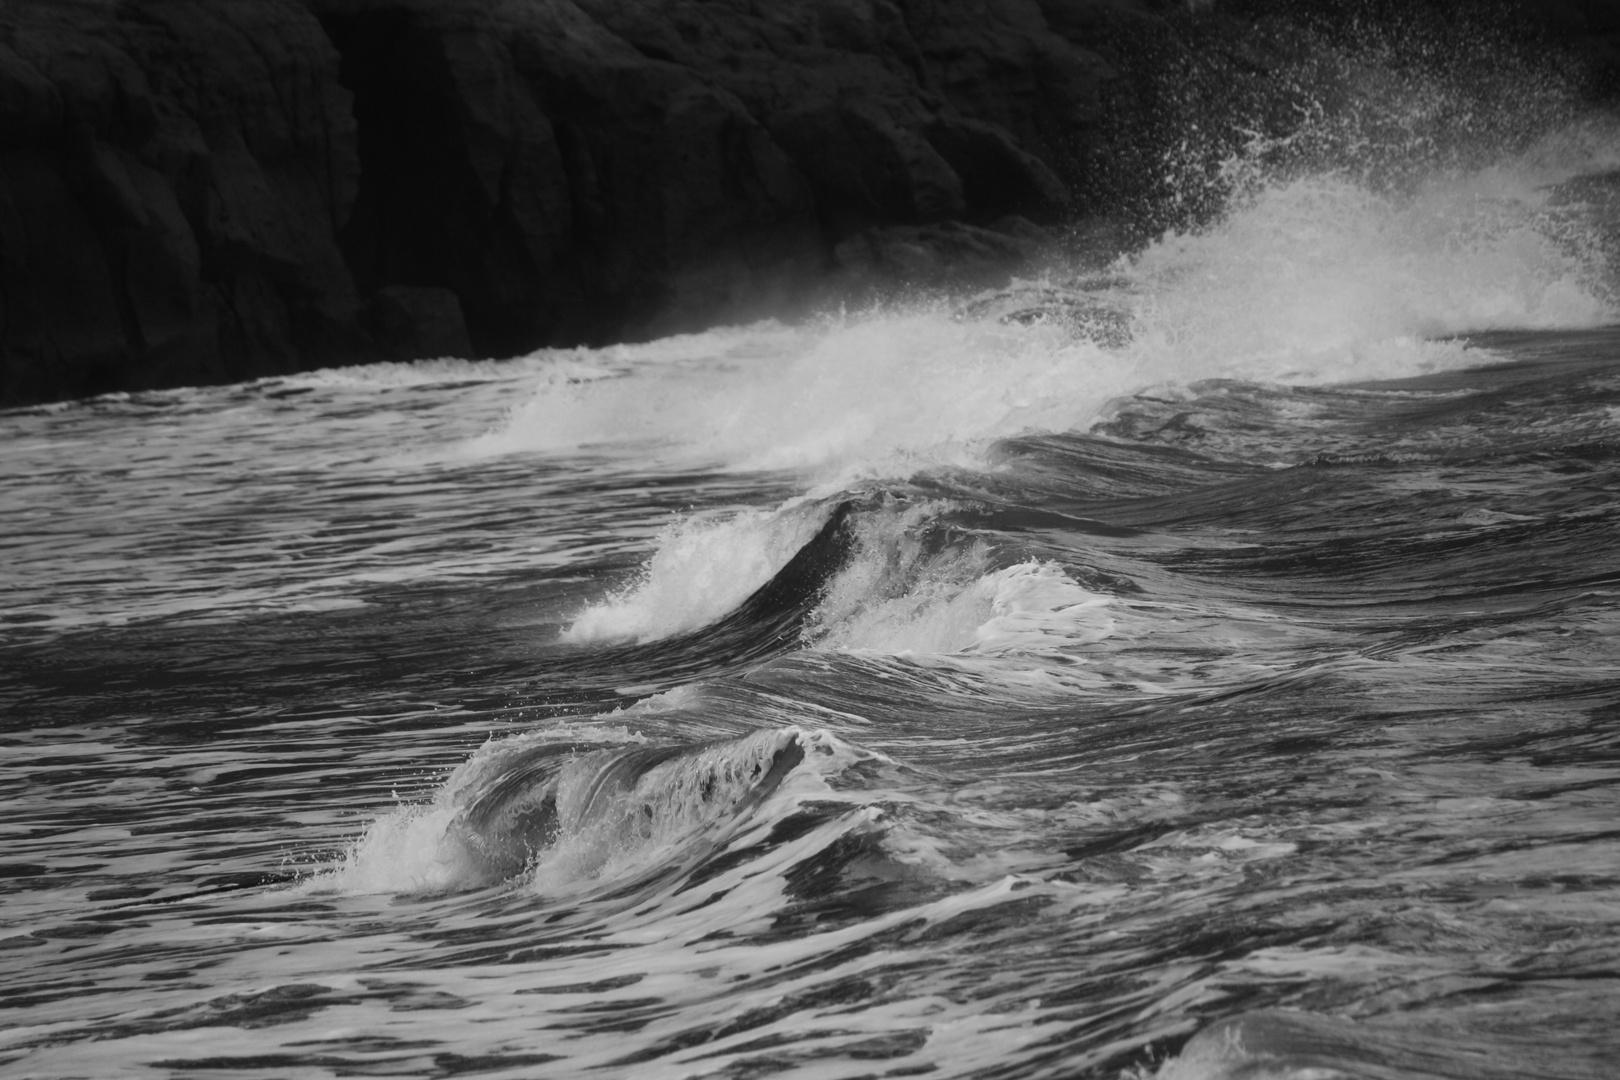 Die Kraft der Welle